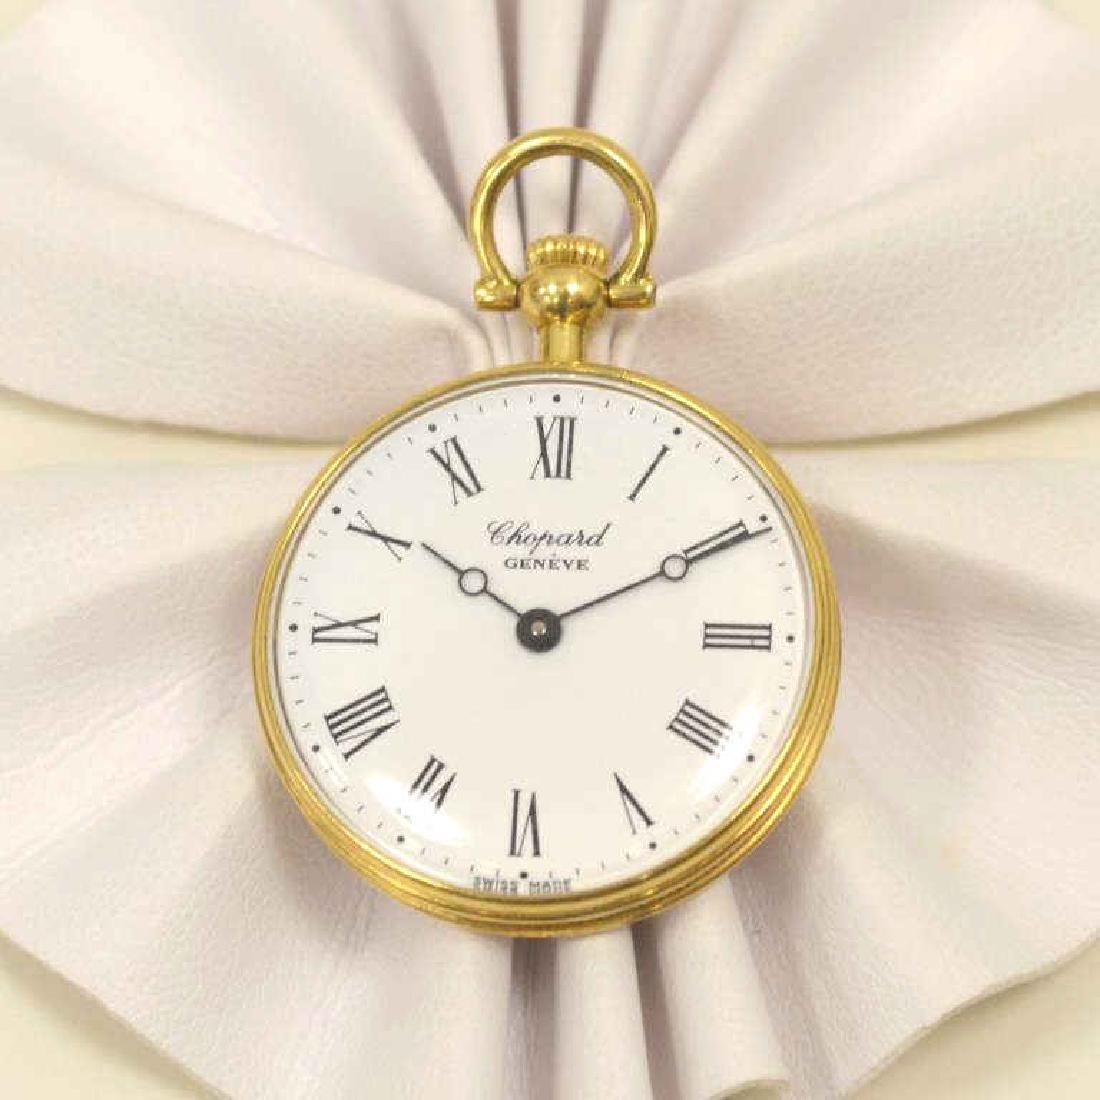 18kt yellow gold Chopard pocket watch